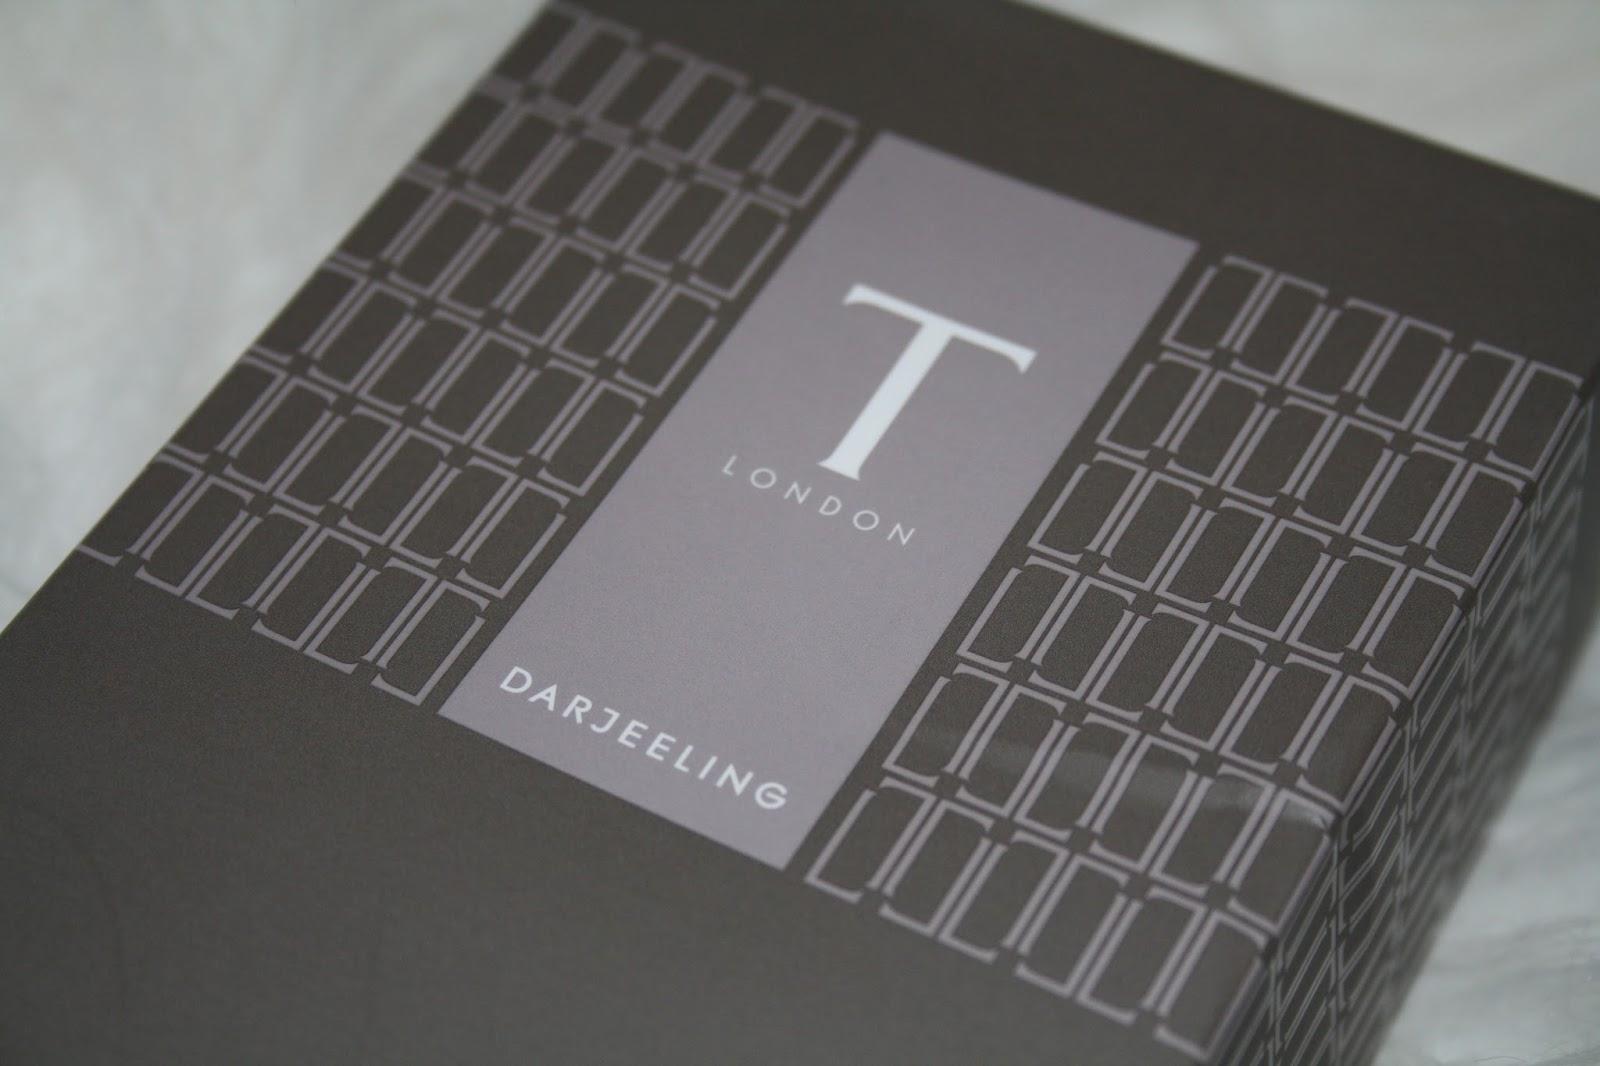 T London - Darjeeling